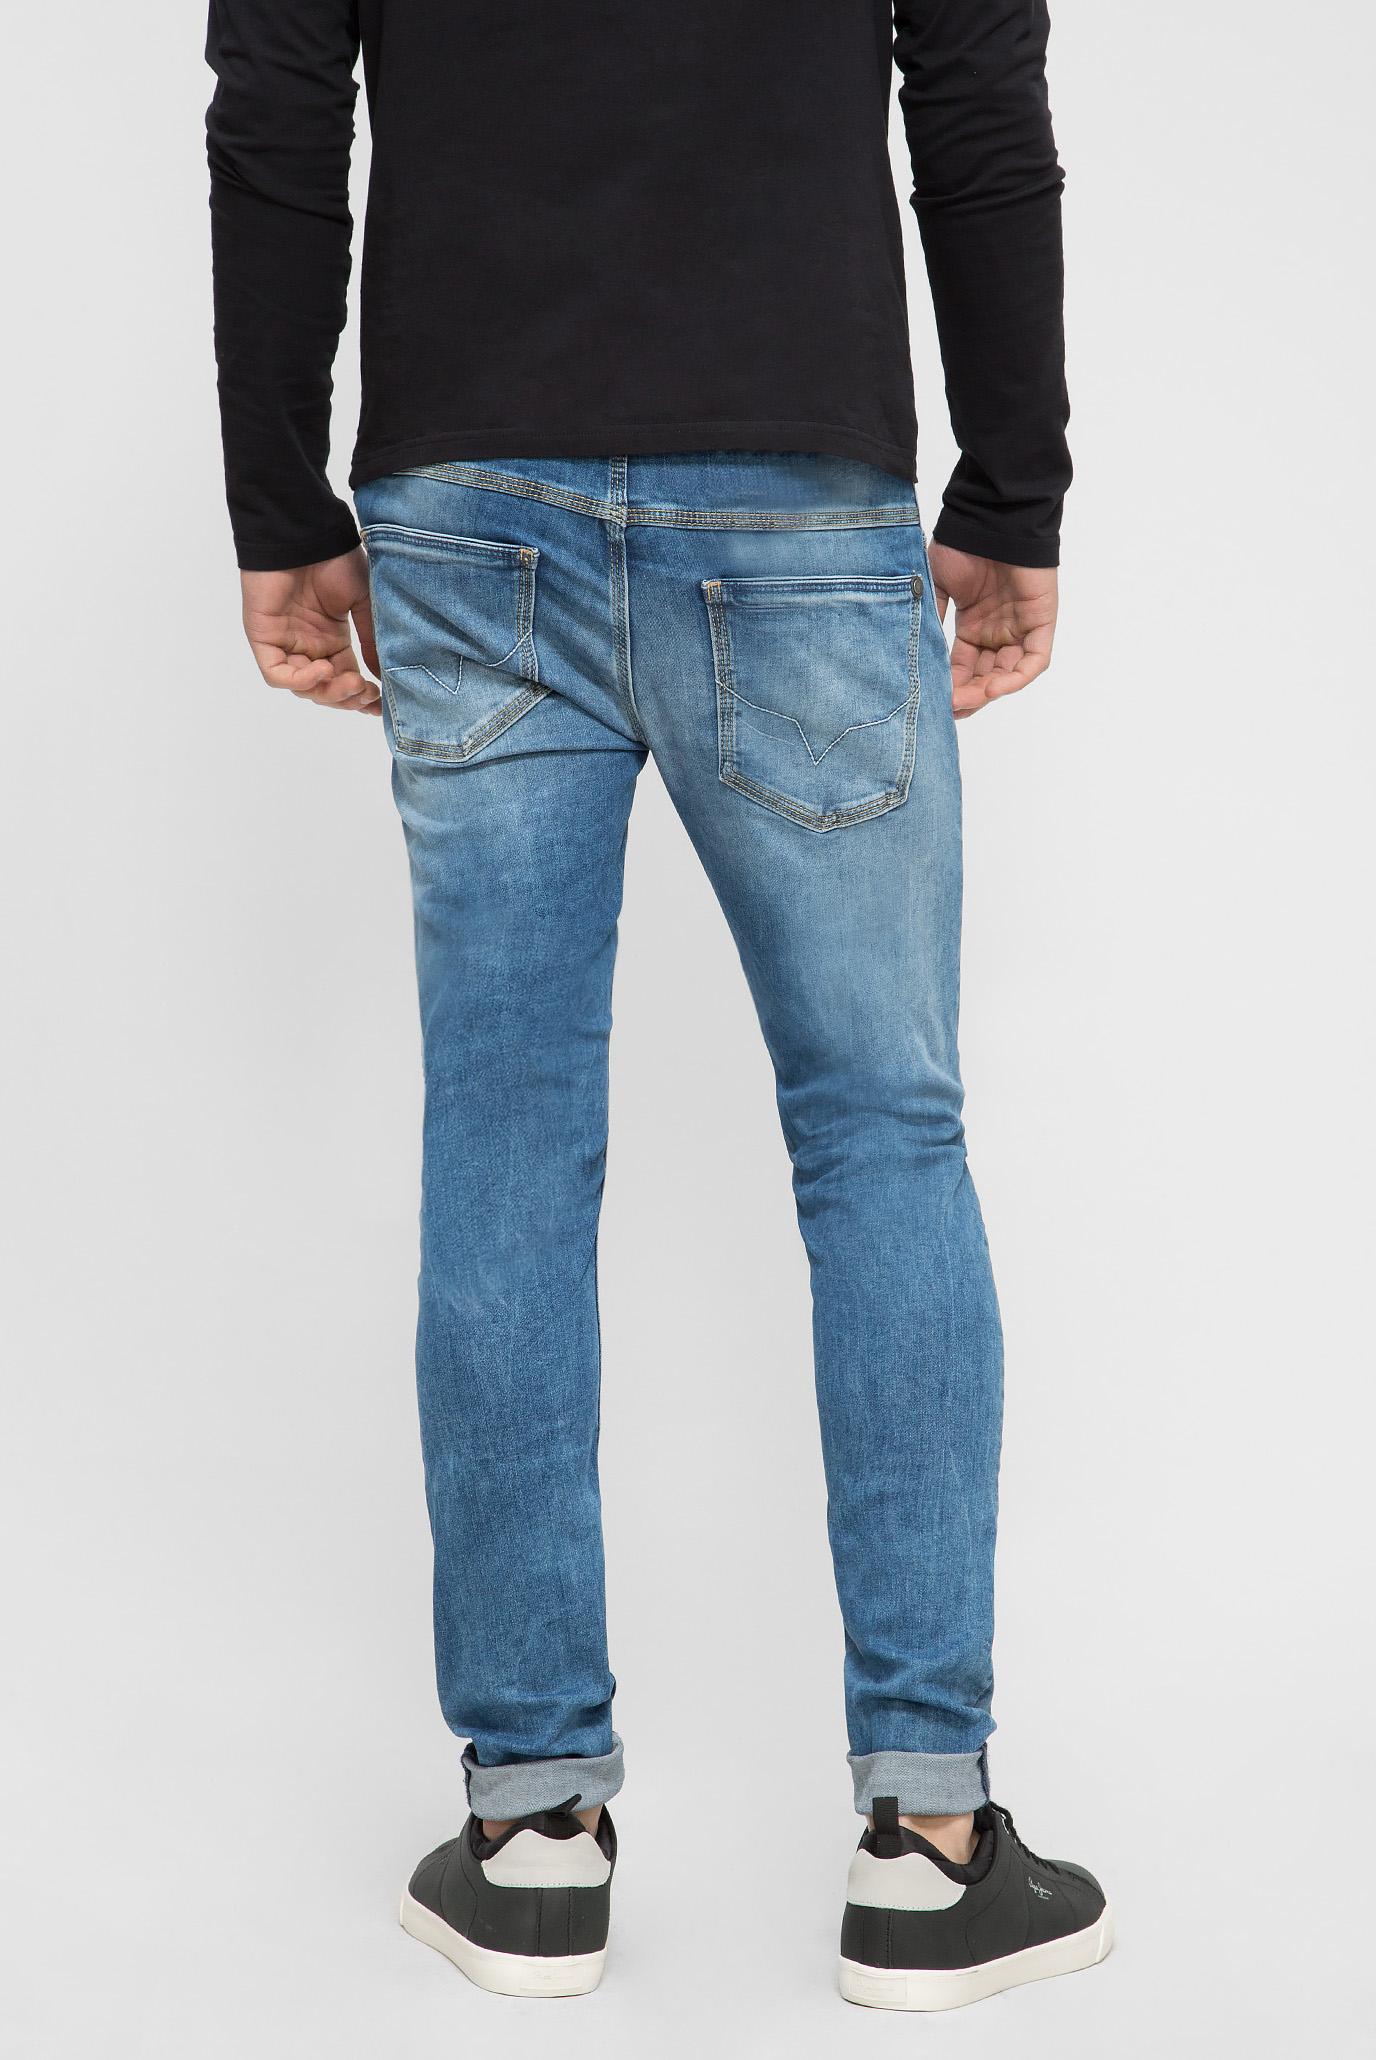 Купить Мужские синие джинсы NICKEL Pepe Jeans Pepe Jeans PM201518GD62 – Киев, Украина. Цены в интернет магазине MD Fashion